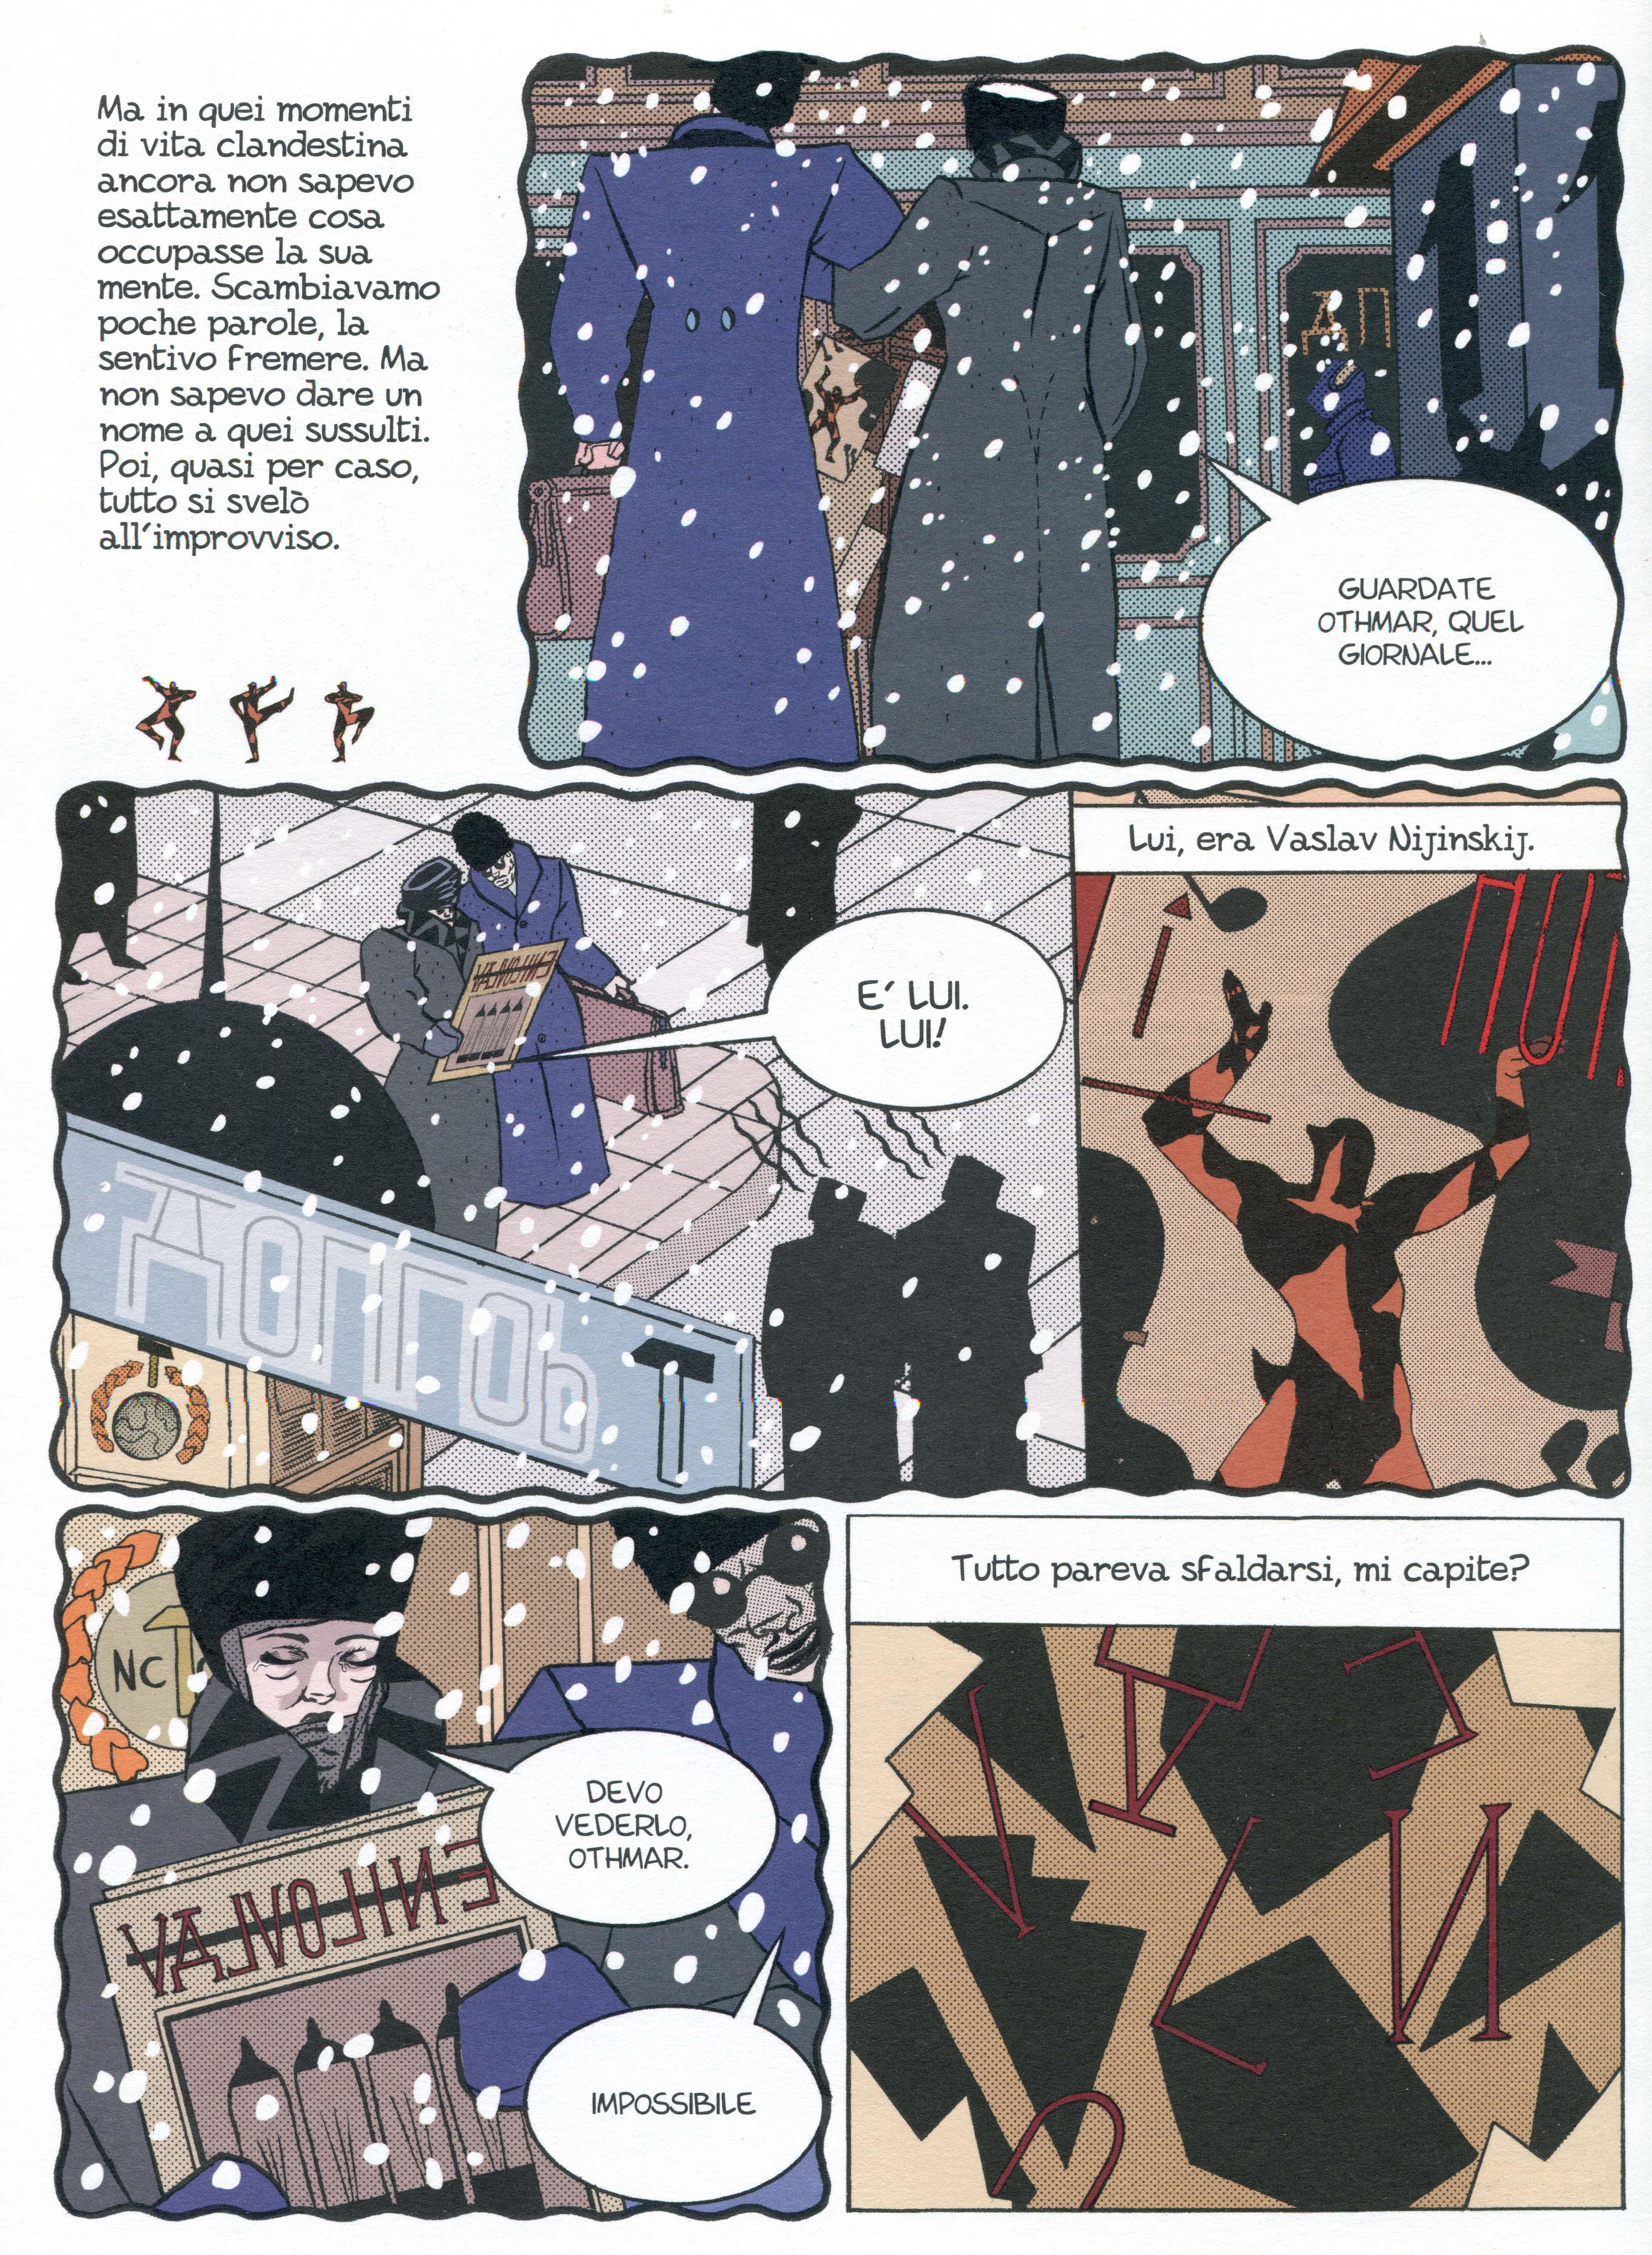 Igort - Sinfonia a Bombay - pagina 68